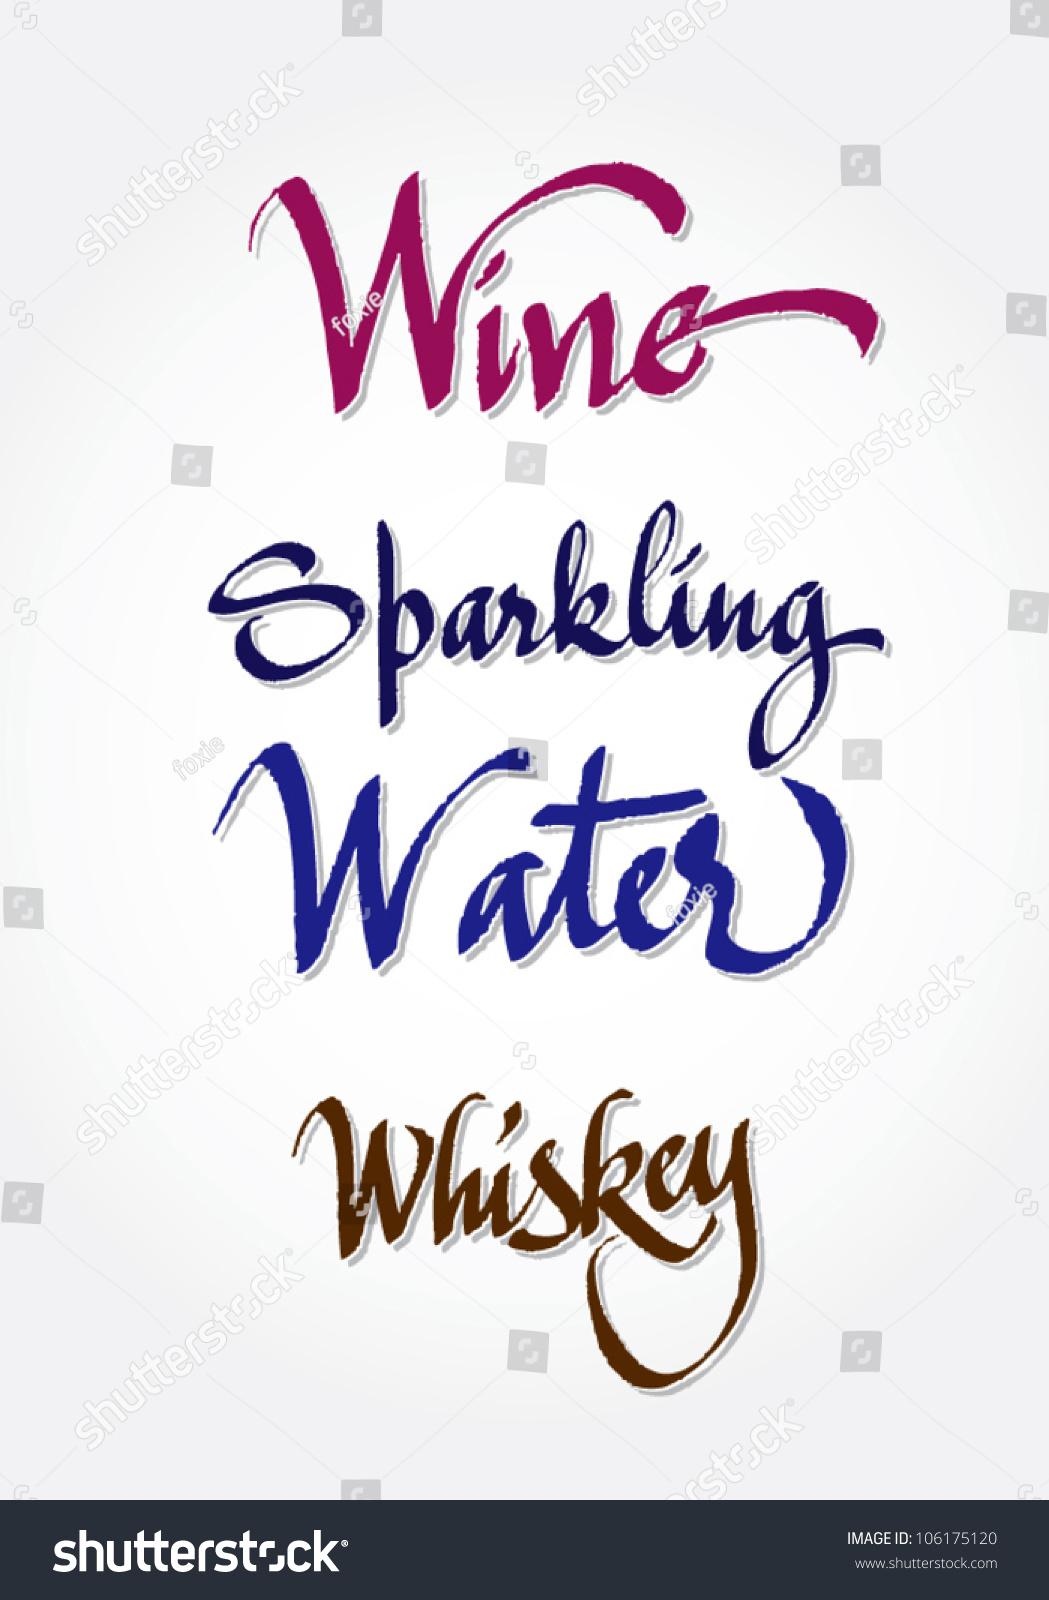 Wine Sparkling Water Whiskey Original Handwritten